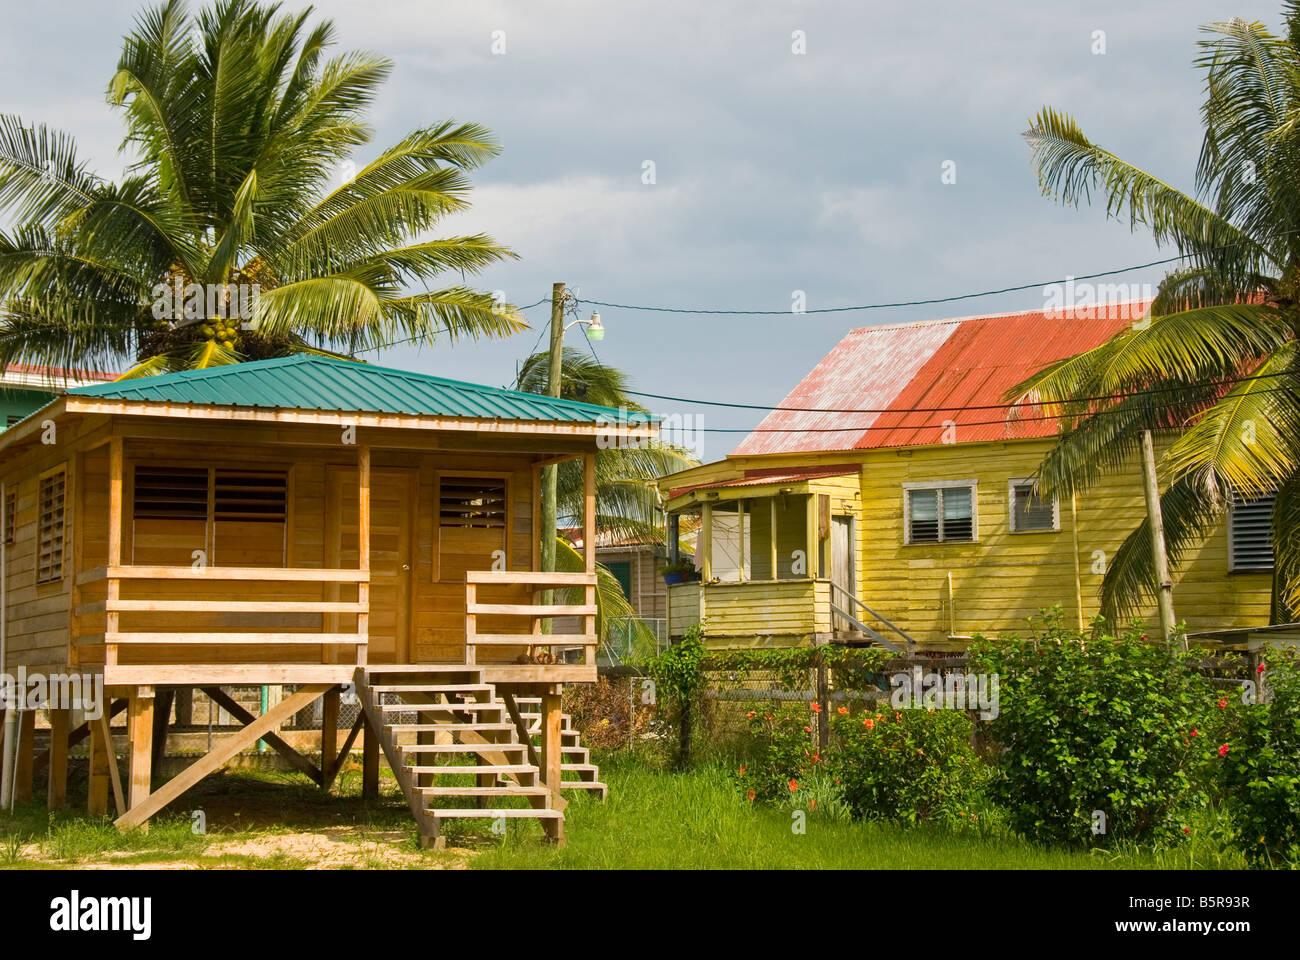 Case Piccole In Legno : Belize city case architettura locale di piccole costruzioni in